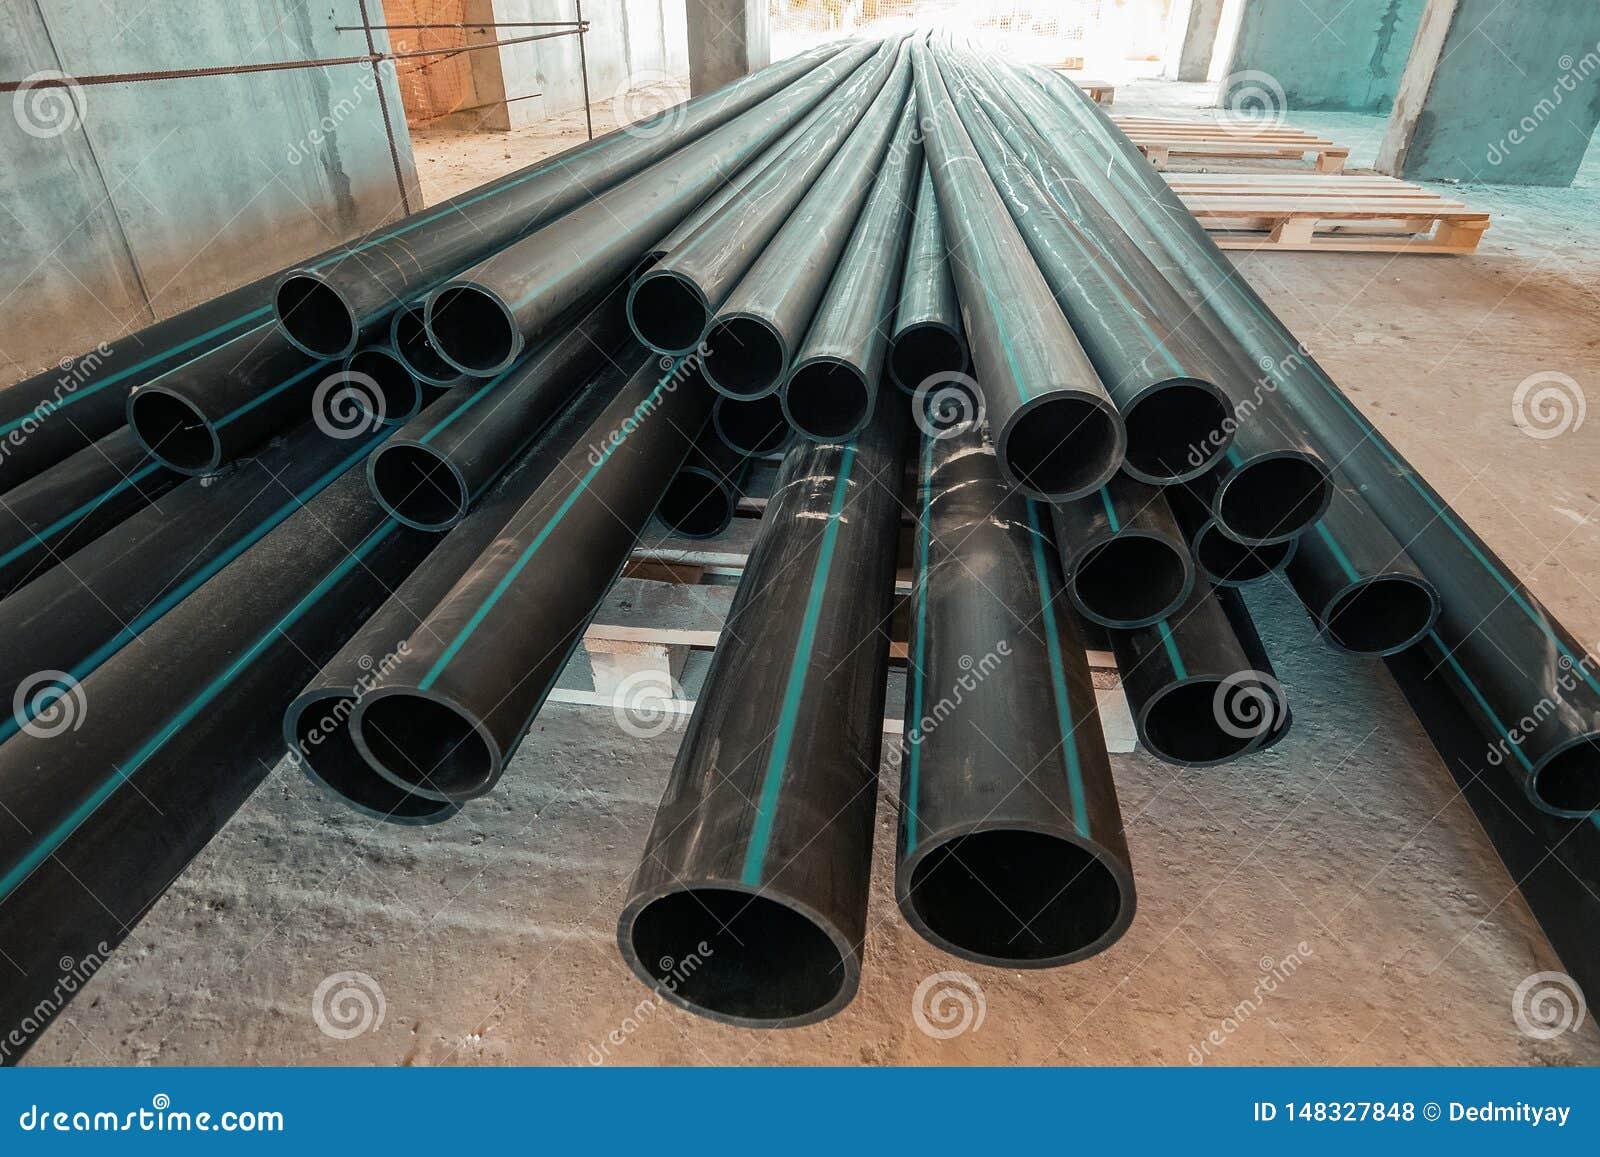 Ομάδα νέων πλαστικών σωλήνων ή σωλήνων στο εργοτάξιο οικοδομής